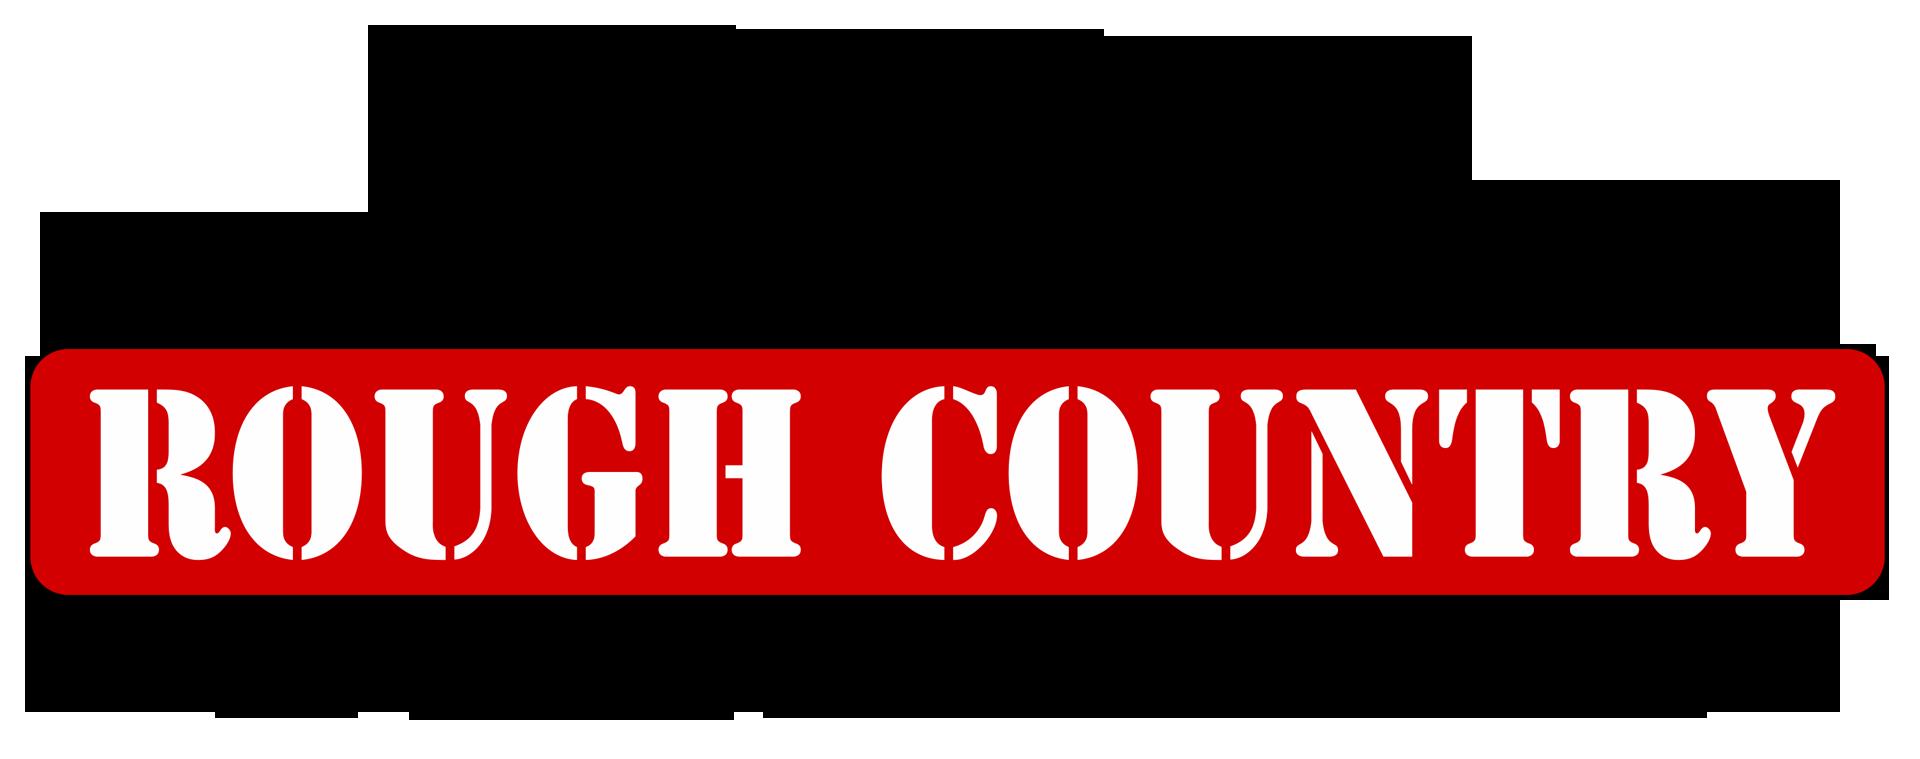 Rough country Logos